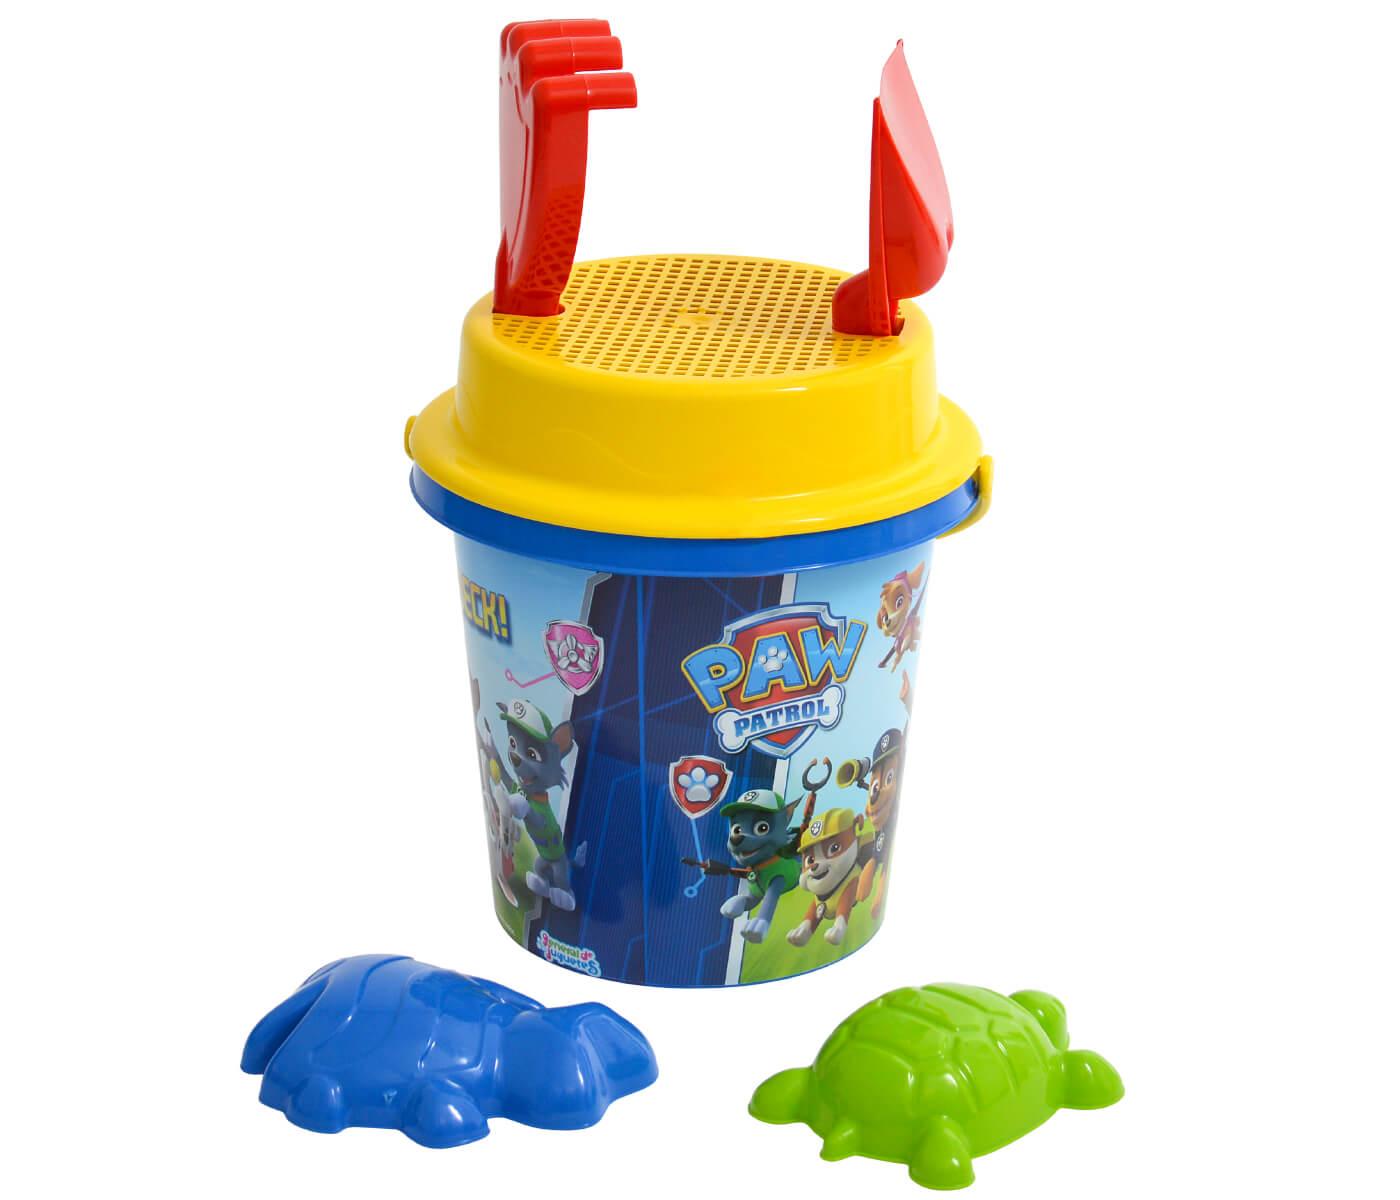 Satz von 2 zufälliger farbiger Plastiksand Schaufel Rührstange Spielzeug